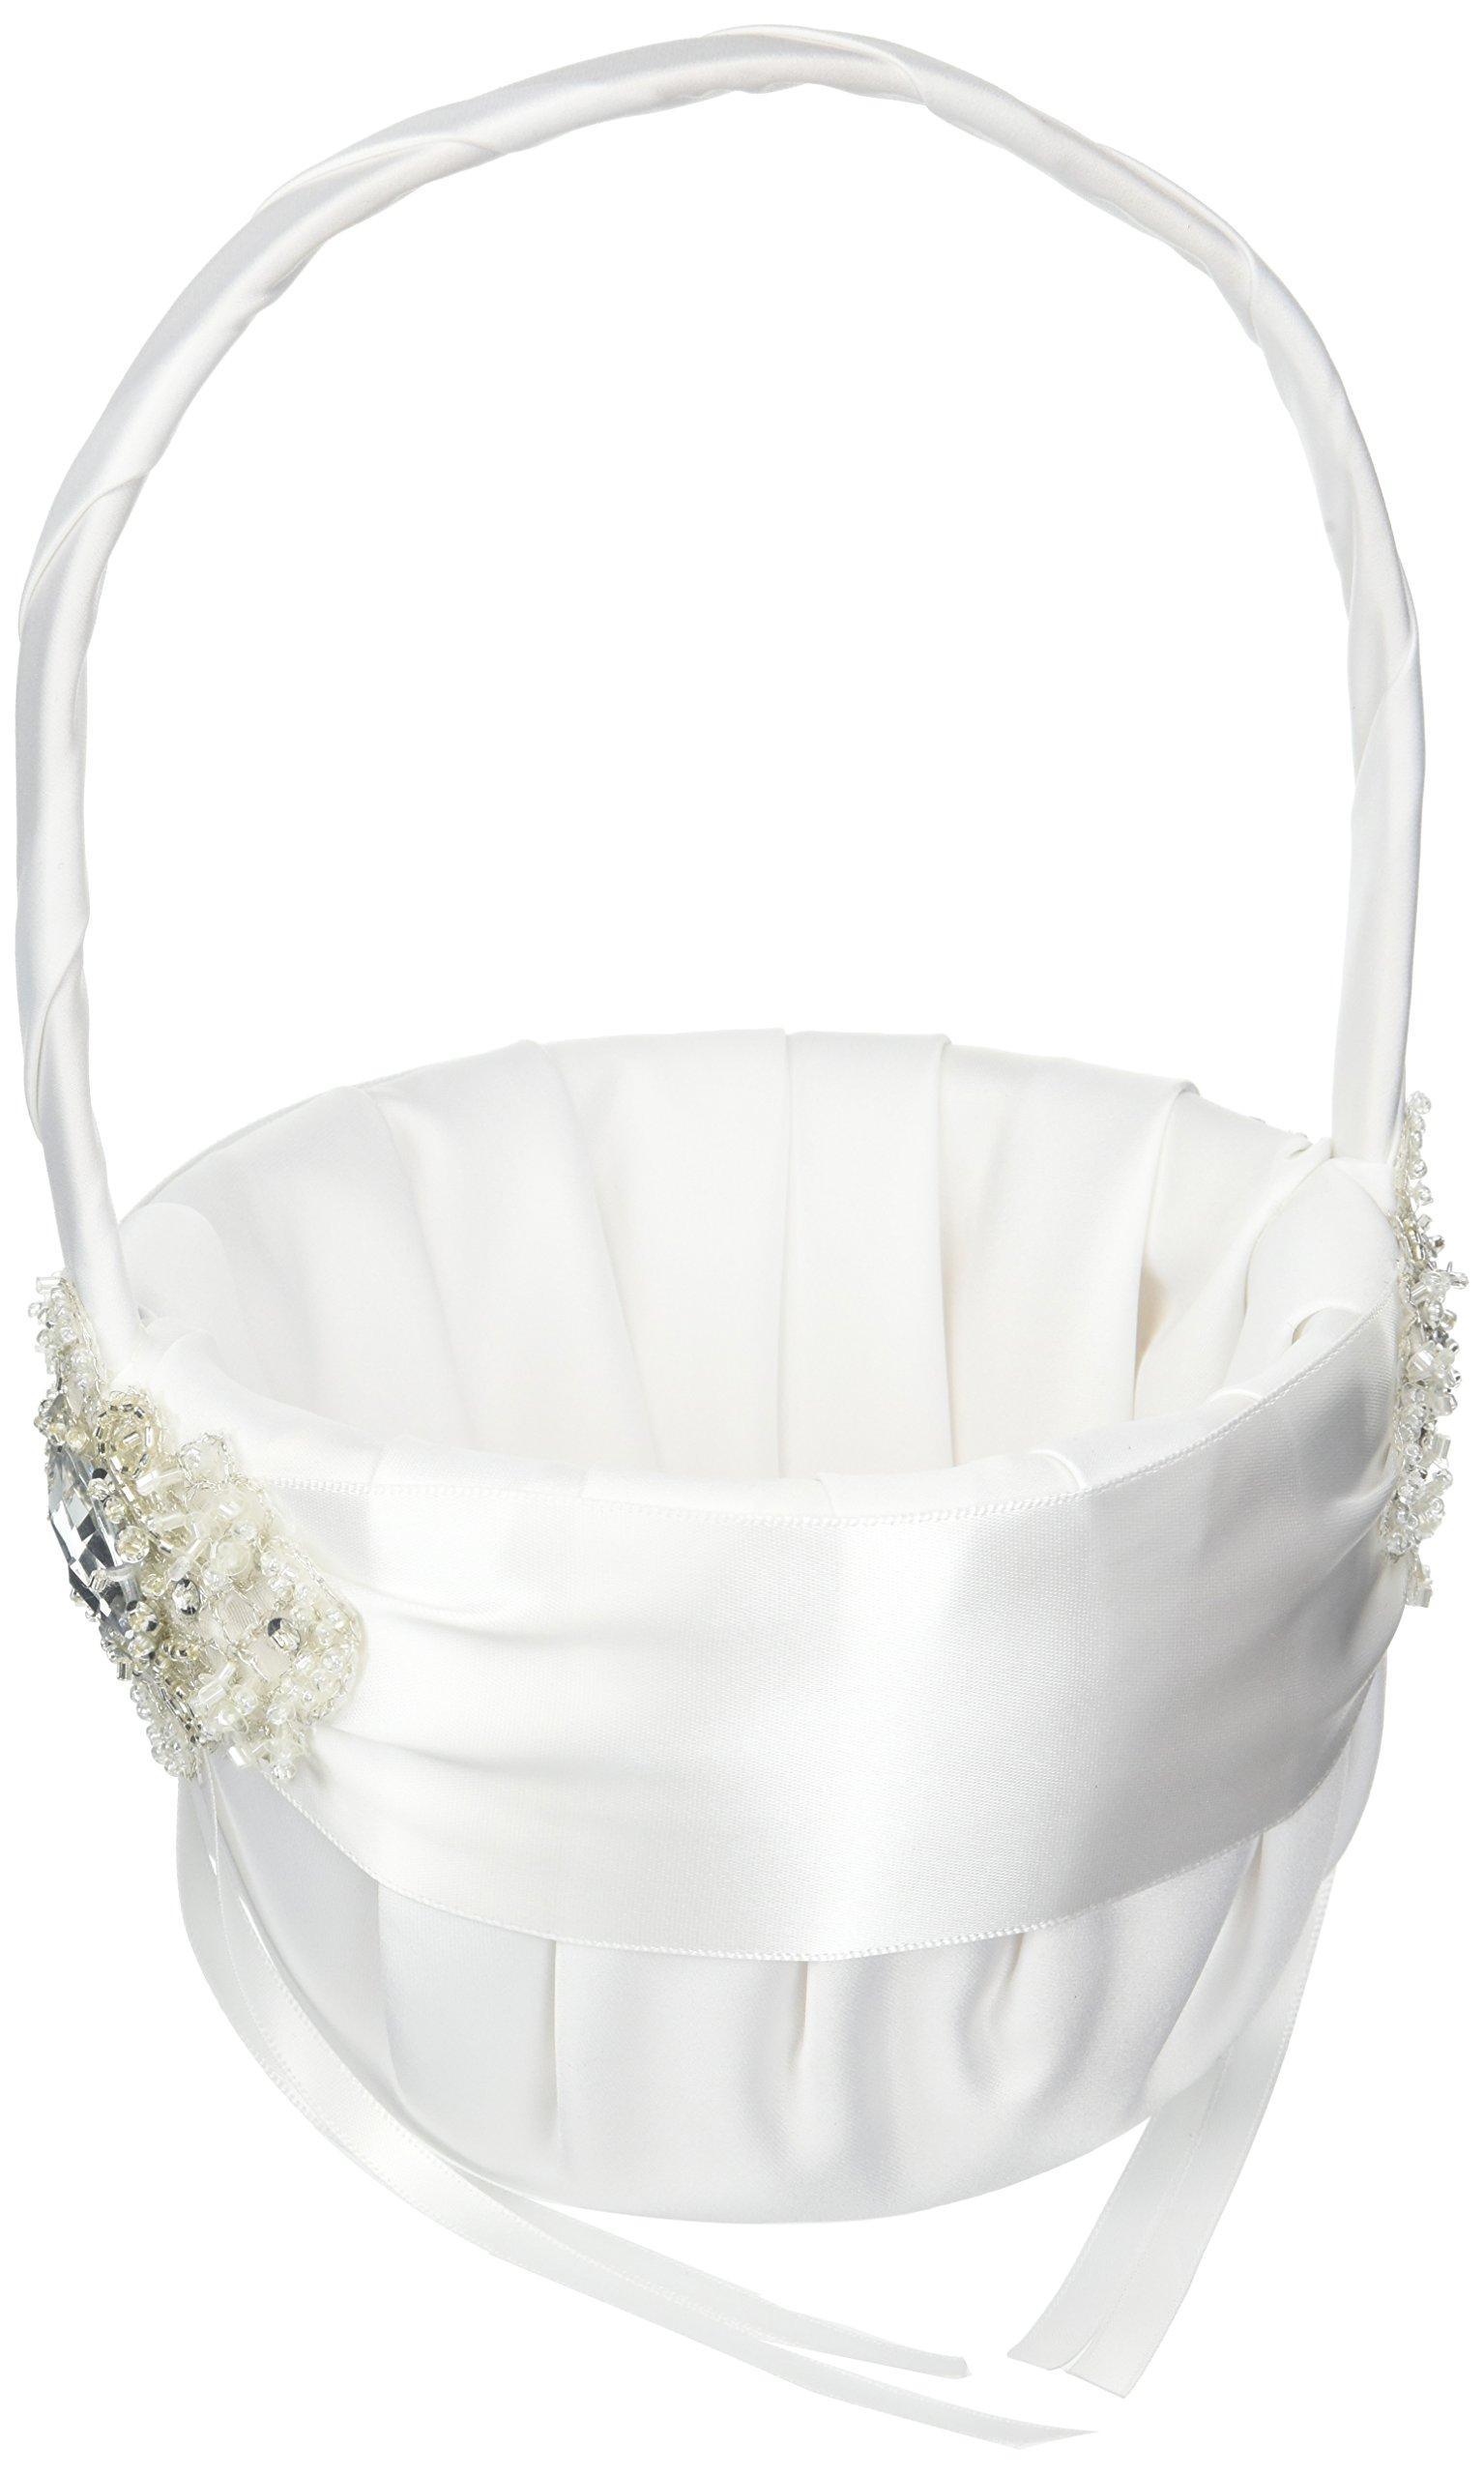 Ivy Lane Design Wedding Accessories Elizabeth Flower Girl Basket, White